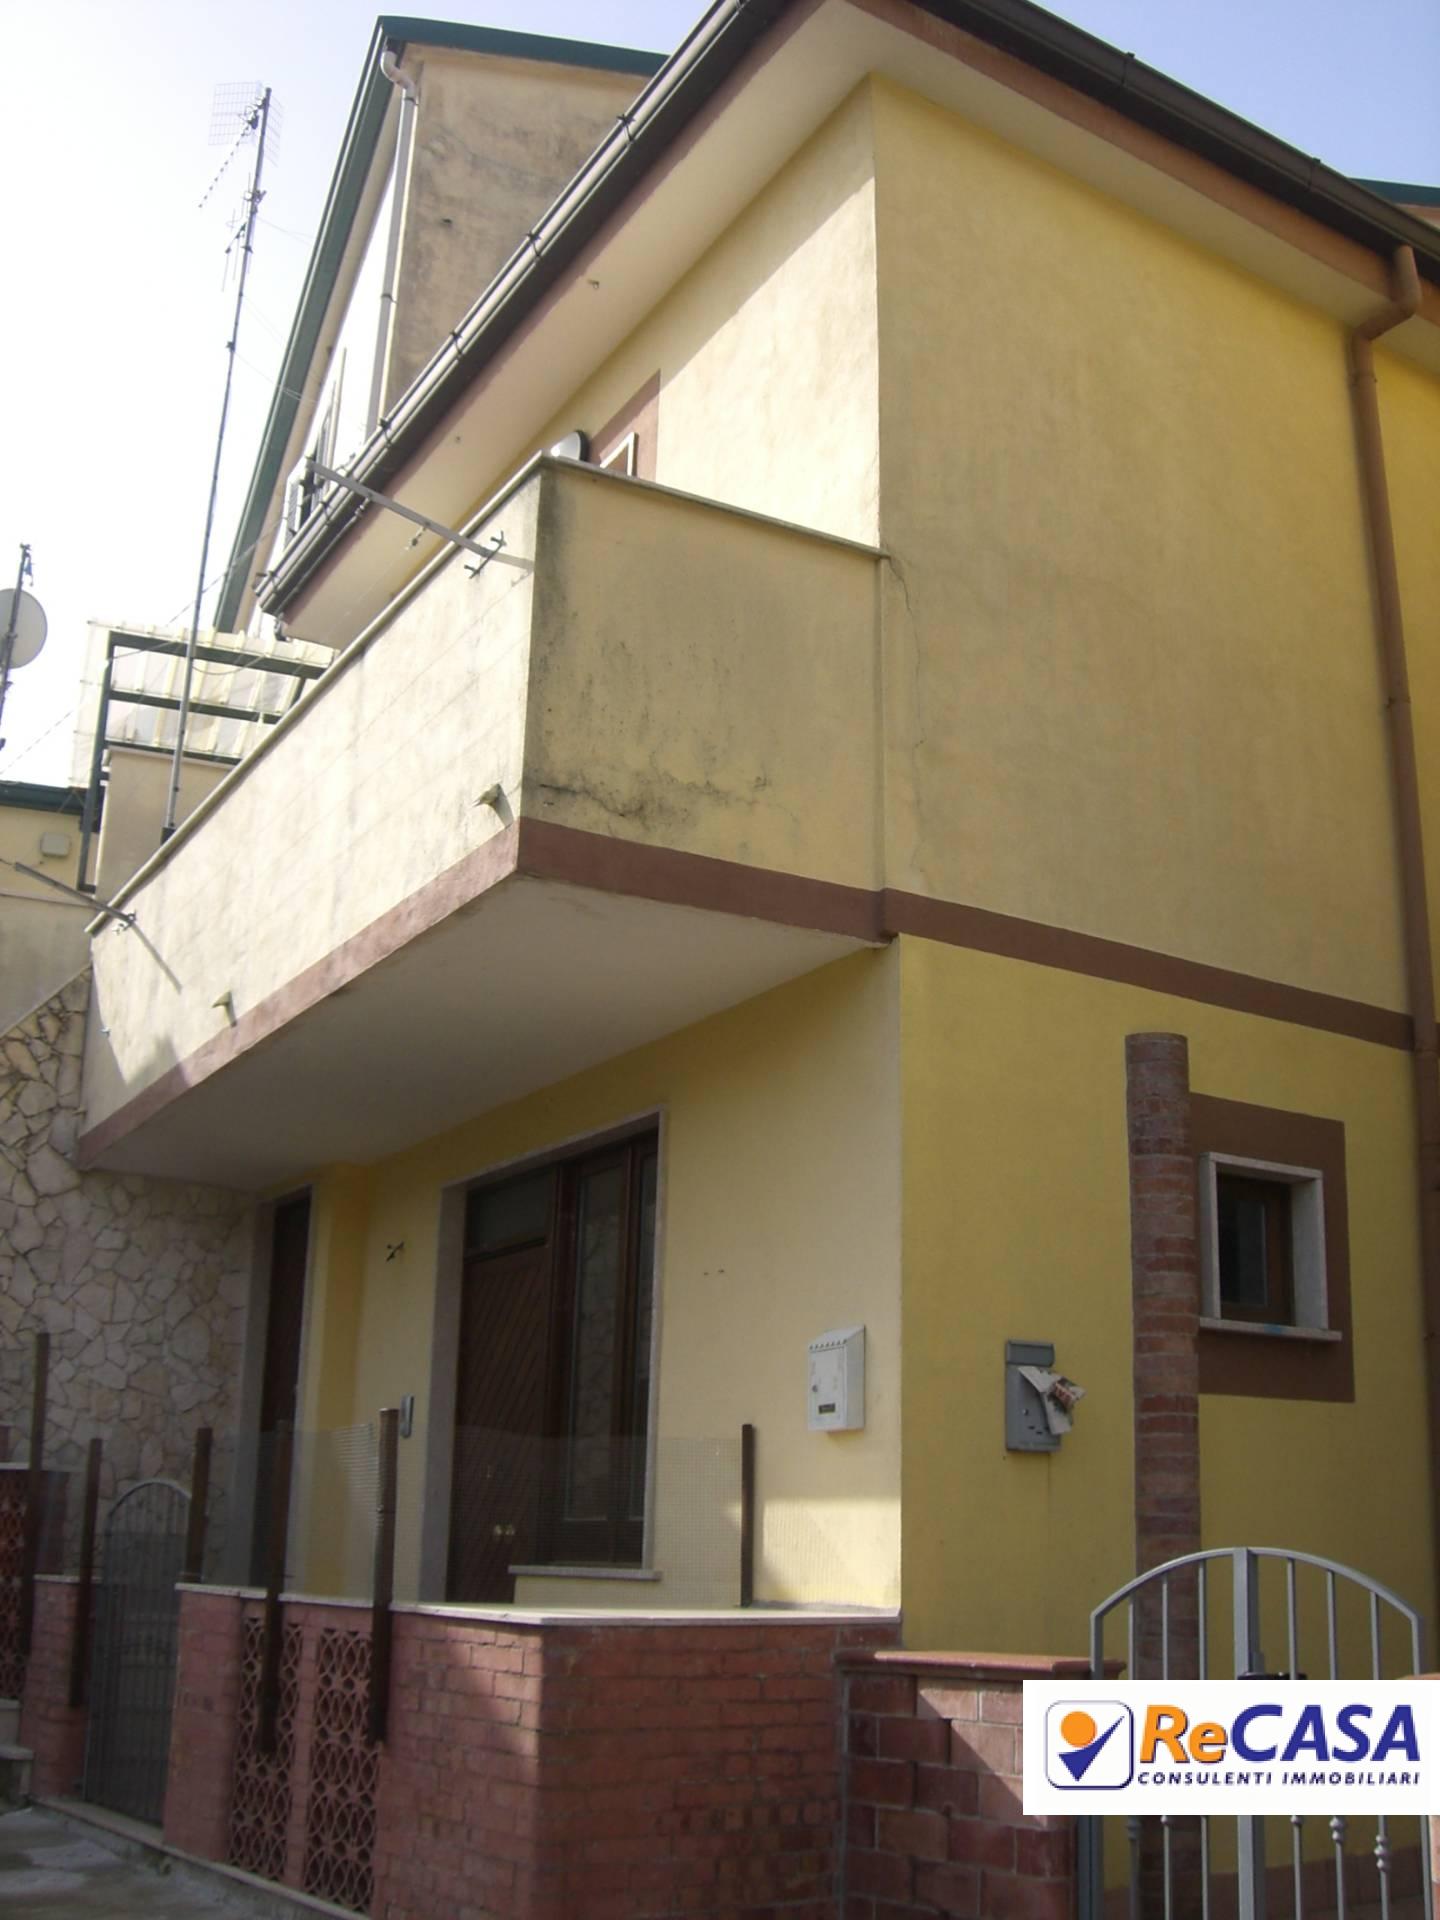 Soluzione Indipendente in affitto a Montecorvino Rovella, 3 locali, zona Località: SanMartino, prezzo € 300 | Cambio Casa.it